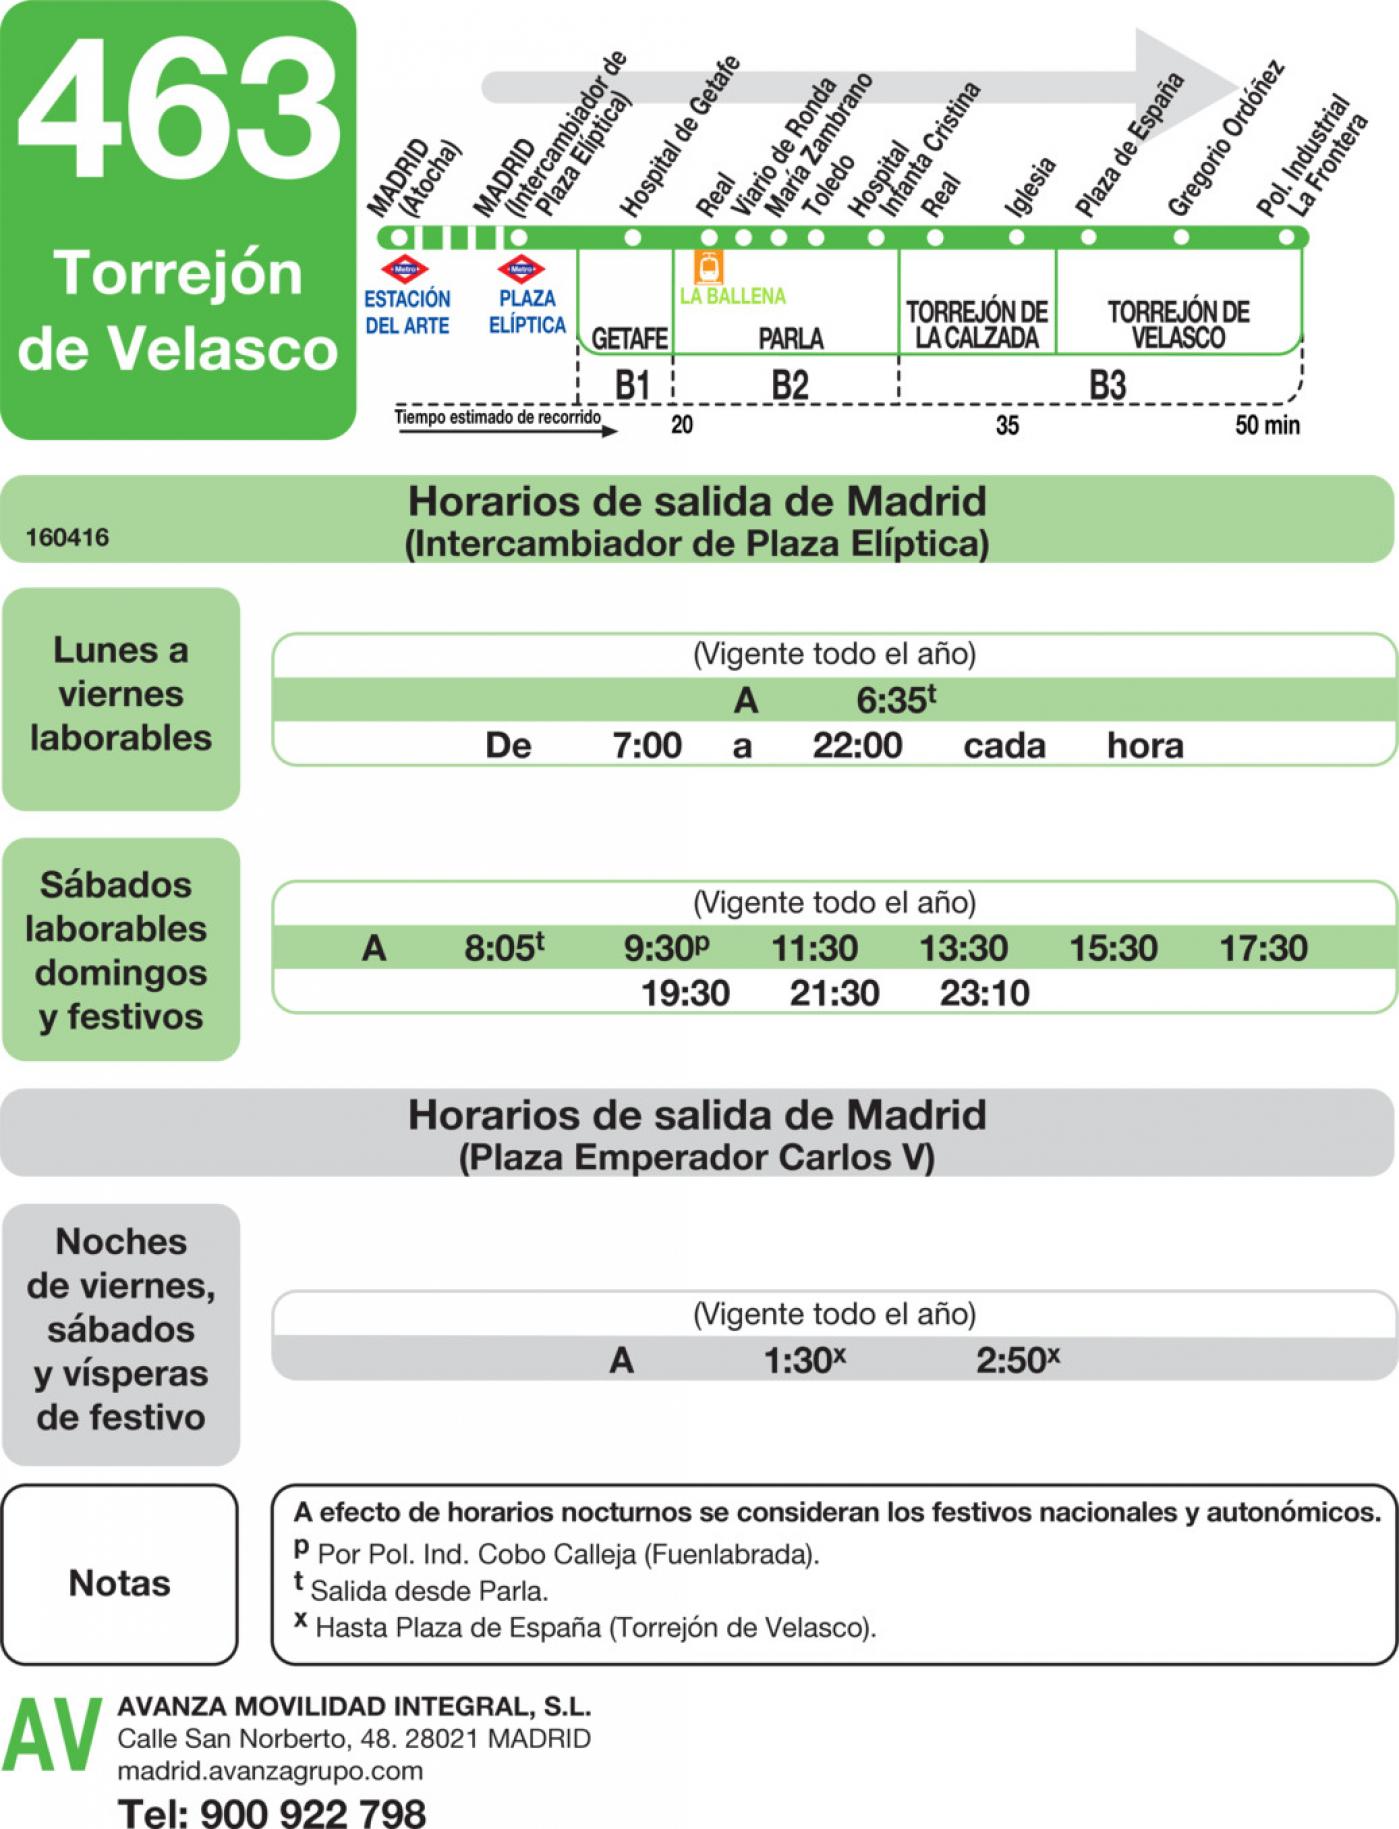 Tabla de horarios y frecuencias de paso en sentido ida Línea 463: Madrid (Plaza Elíptica) - Parla - Torrejón de Velasco